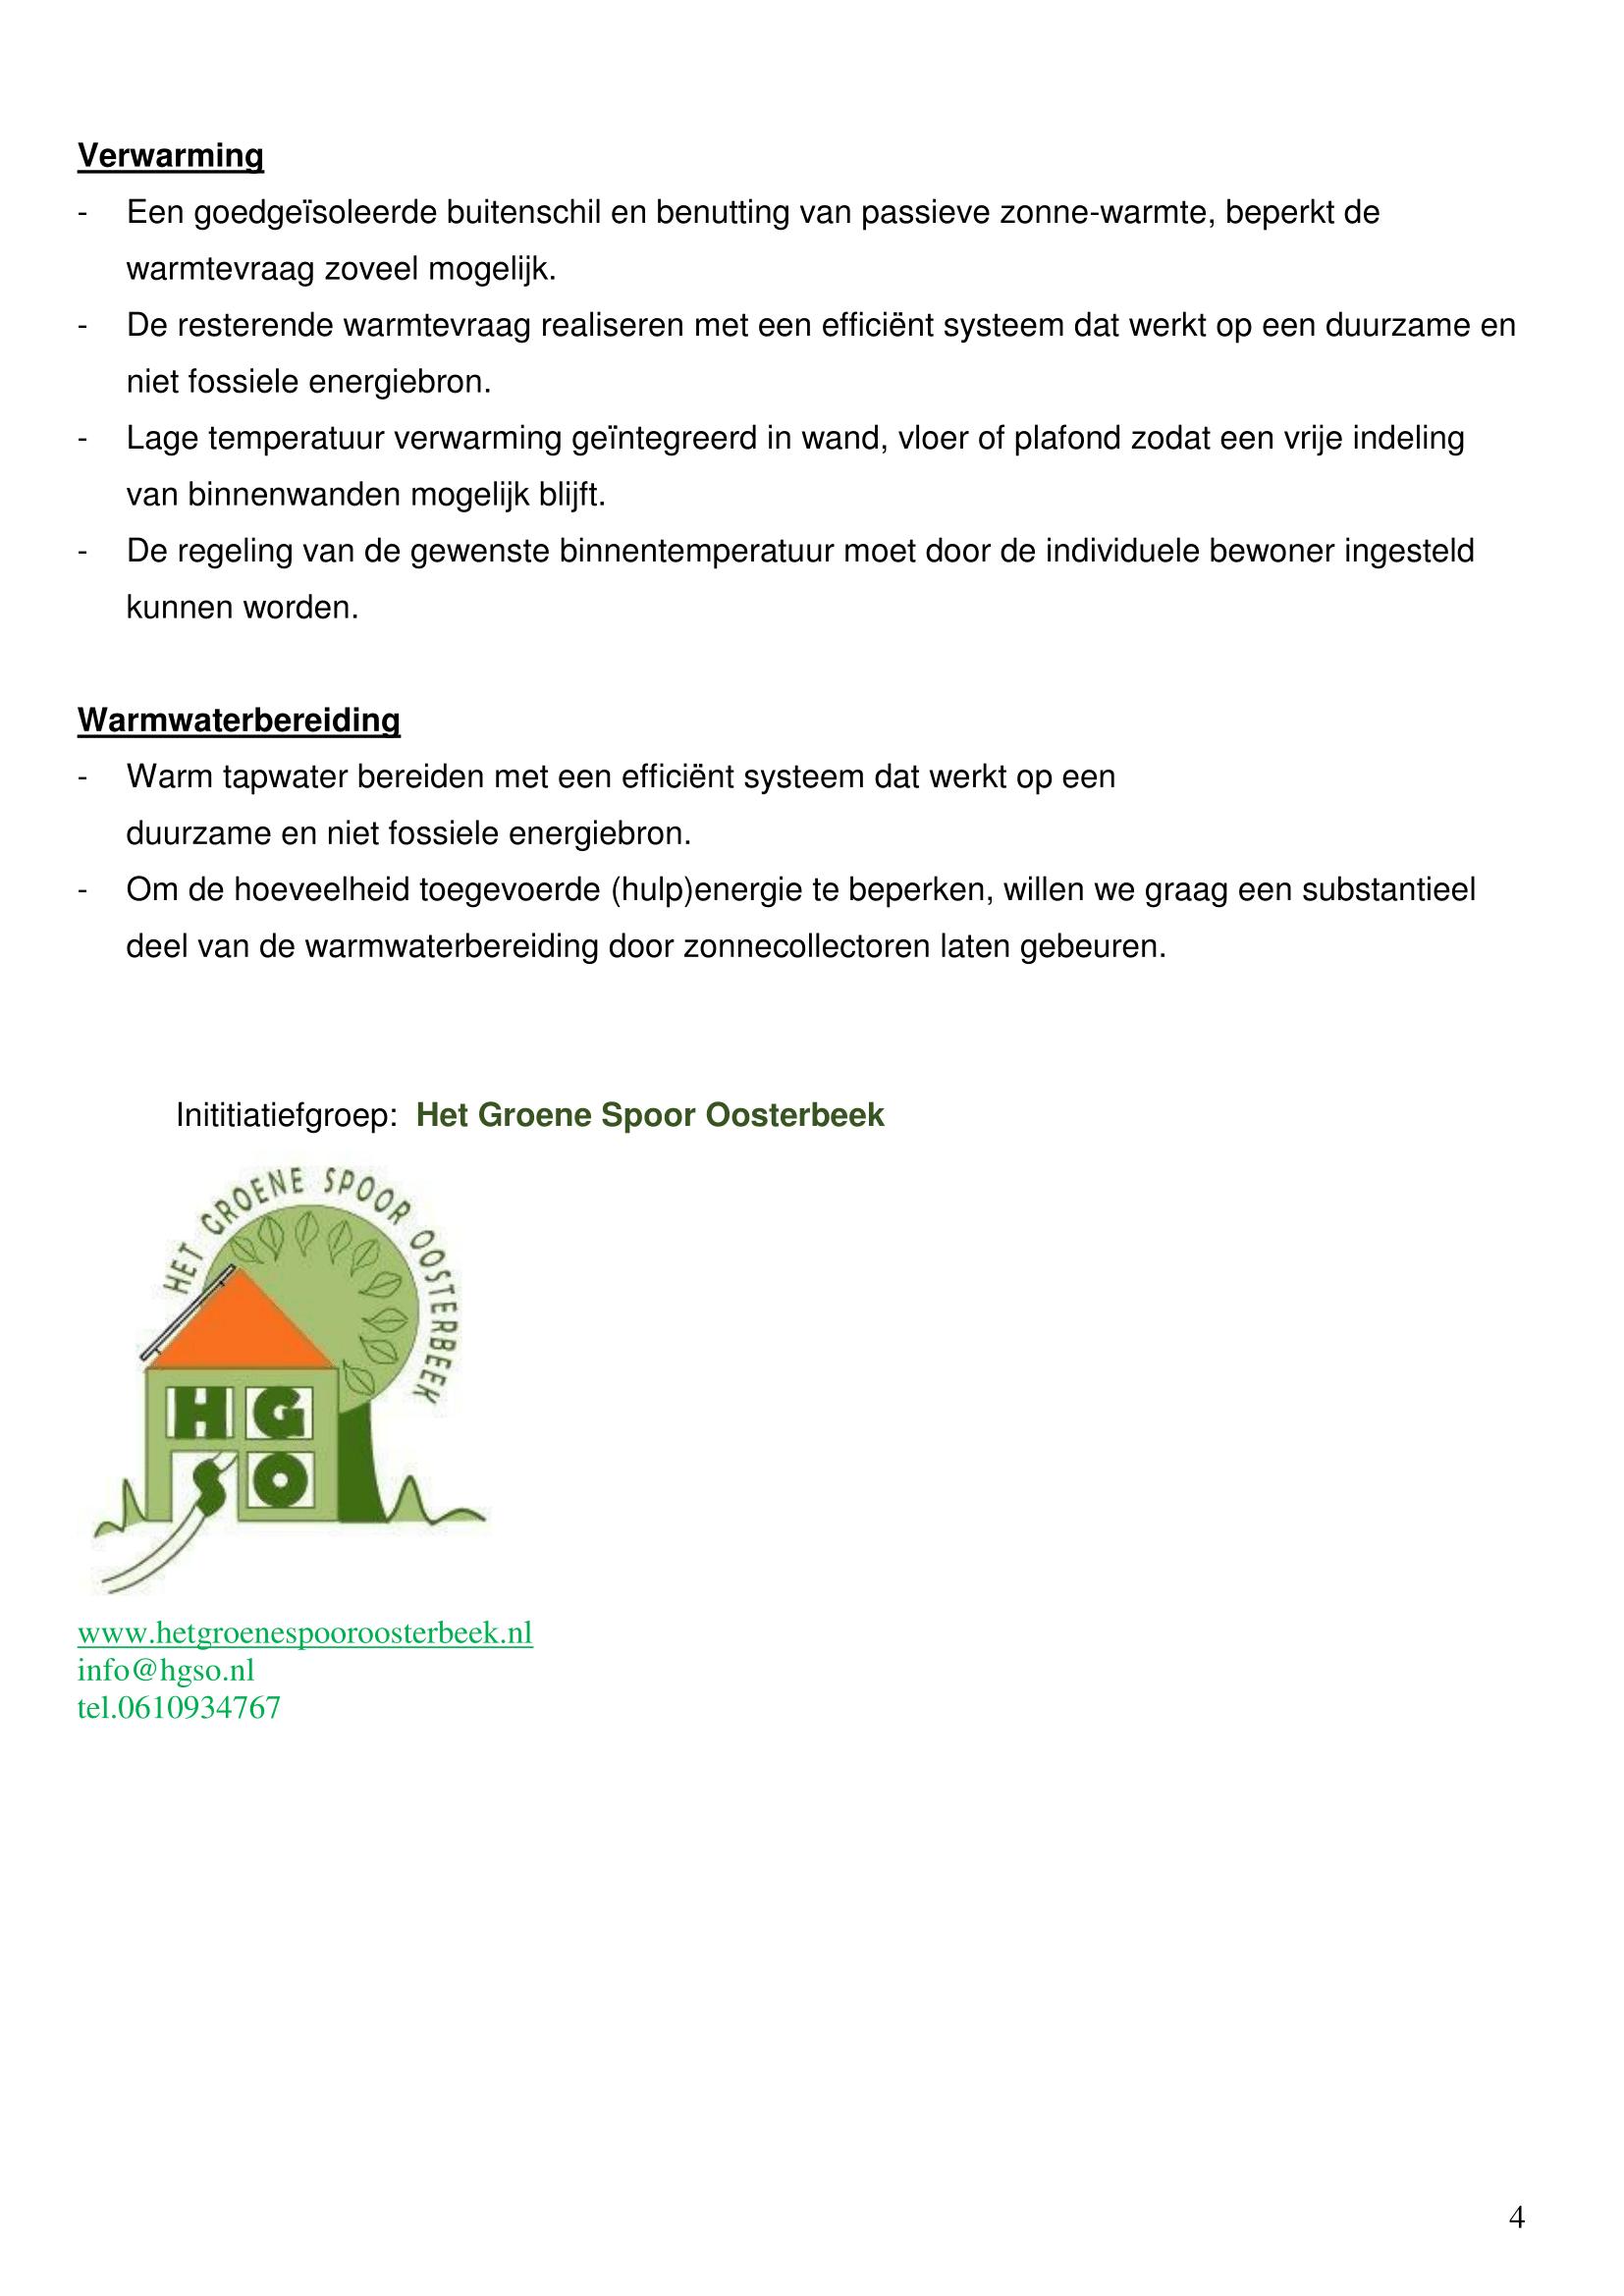 projectplan maart 2019-4